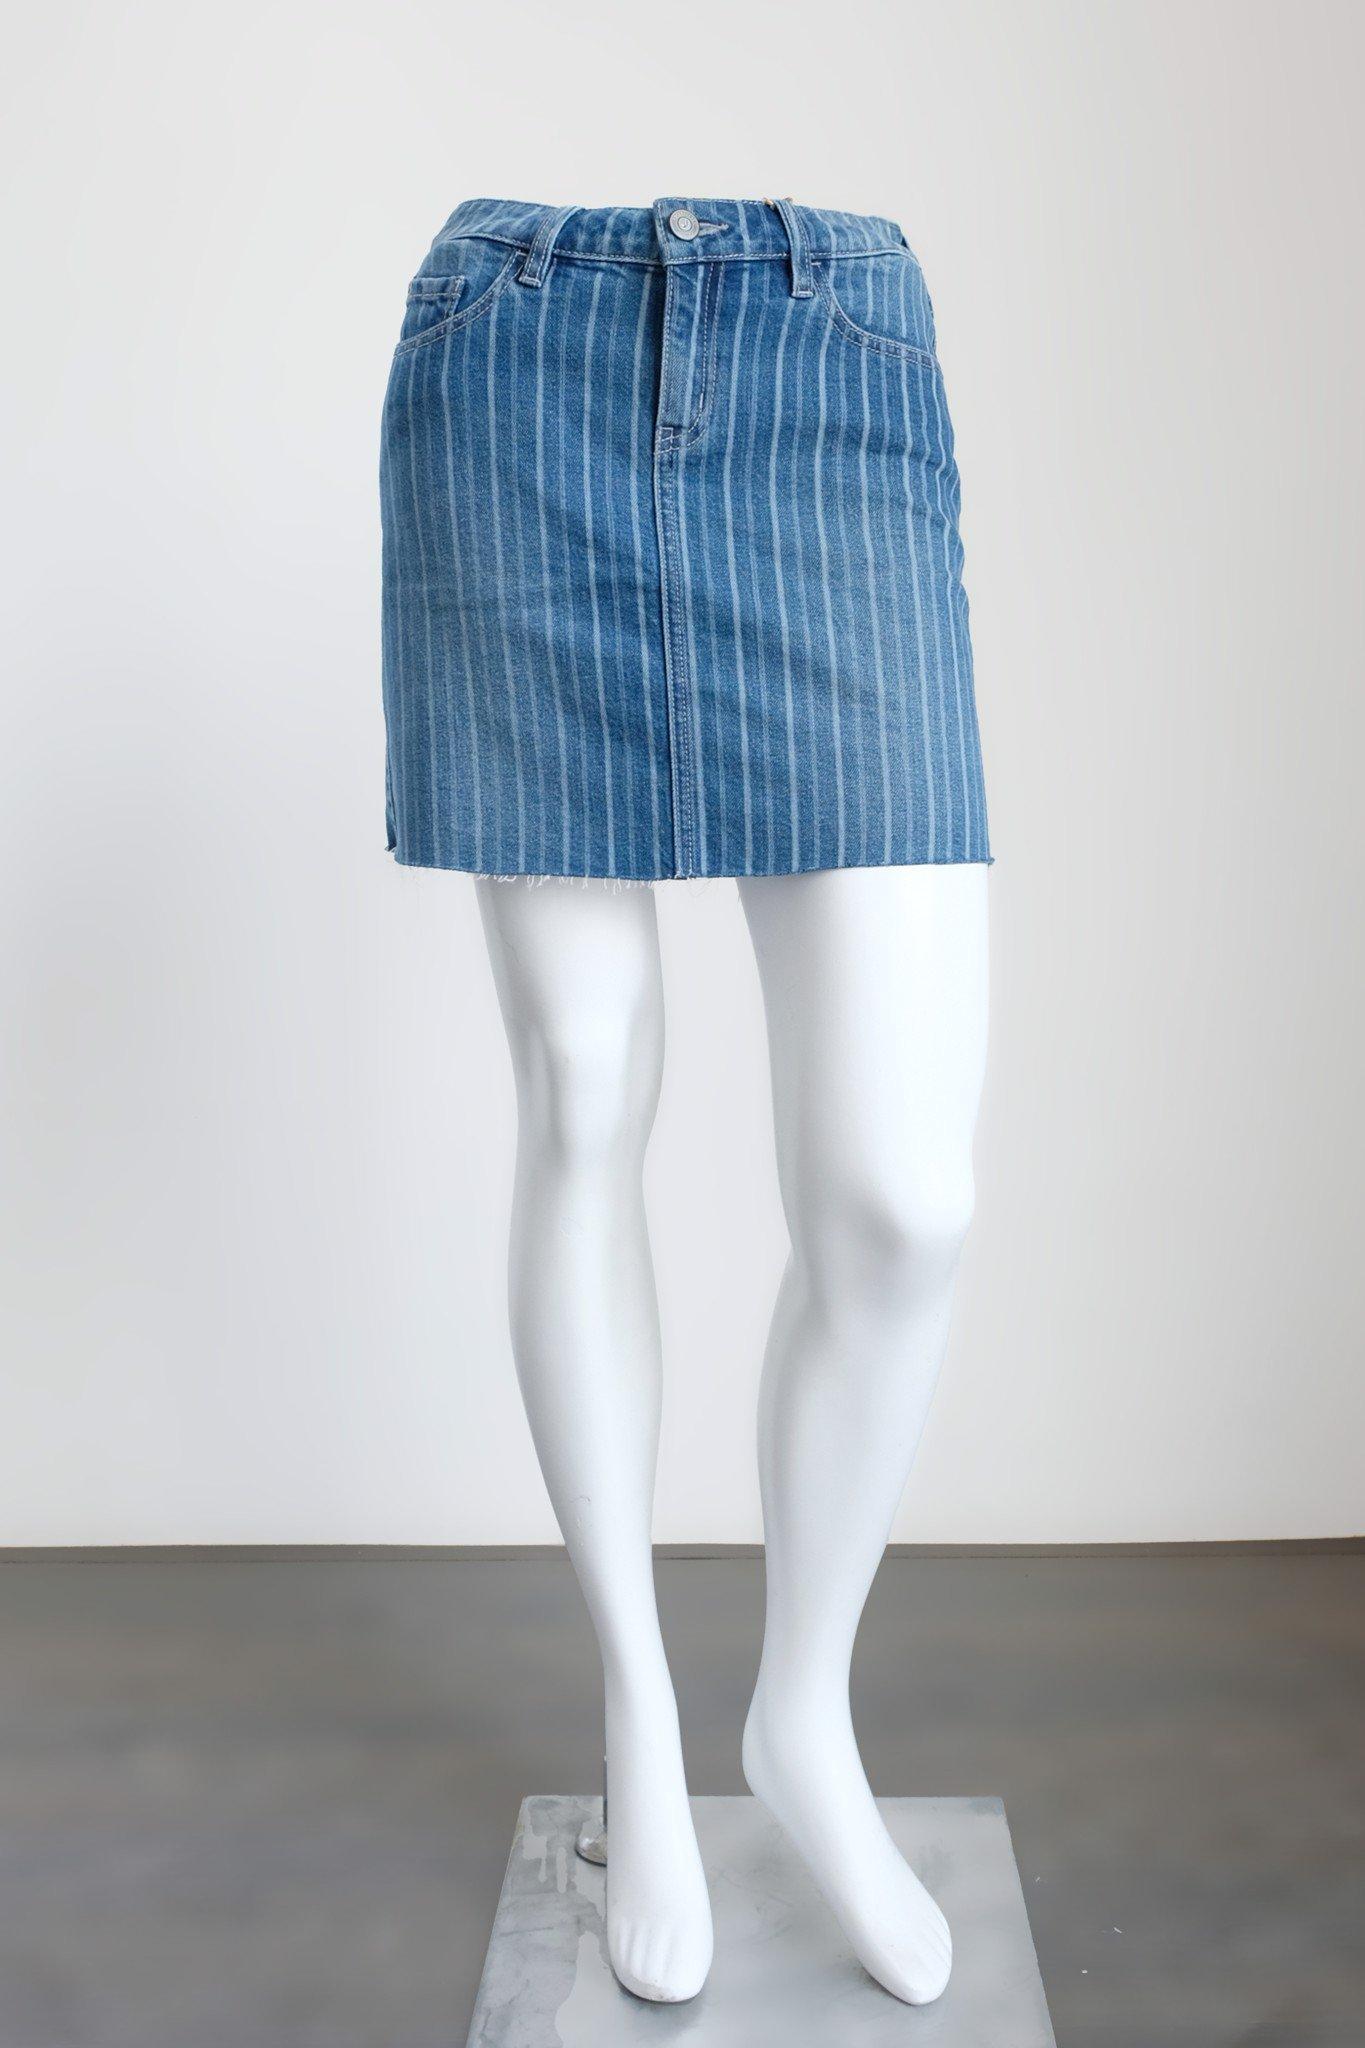 Váy jeans dáng chữ A - 1018WD2111F5956